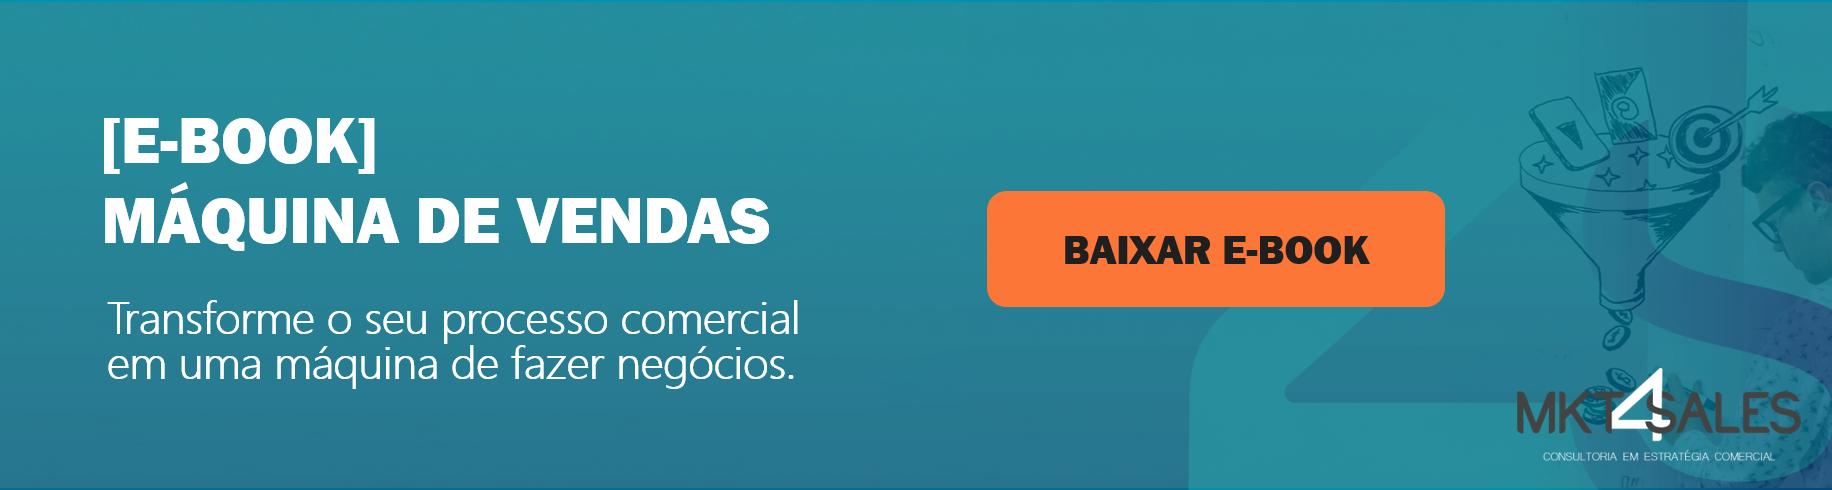 banner_ebook_maquina-de-vendas_mkt4sales